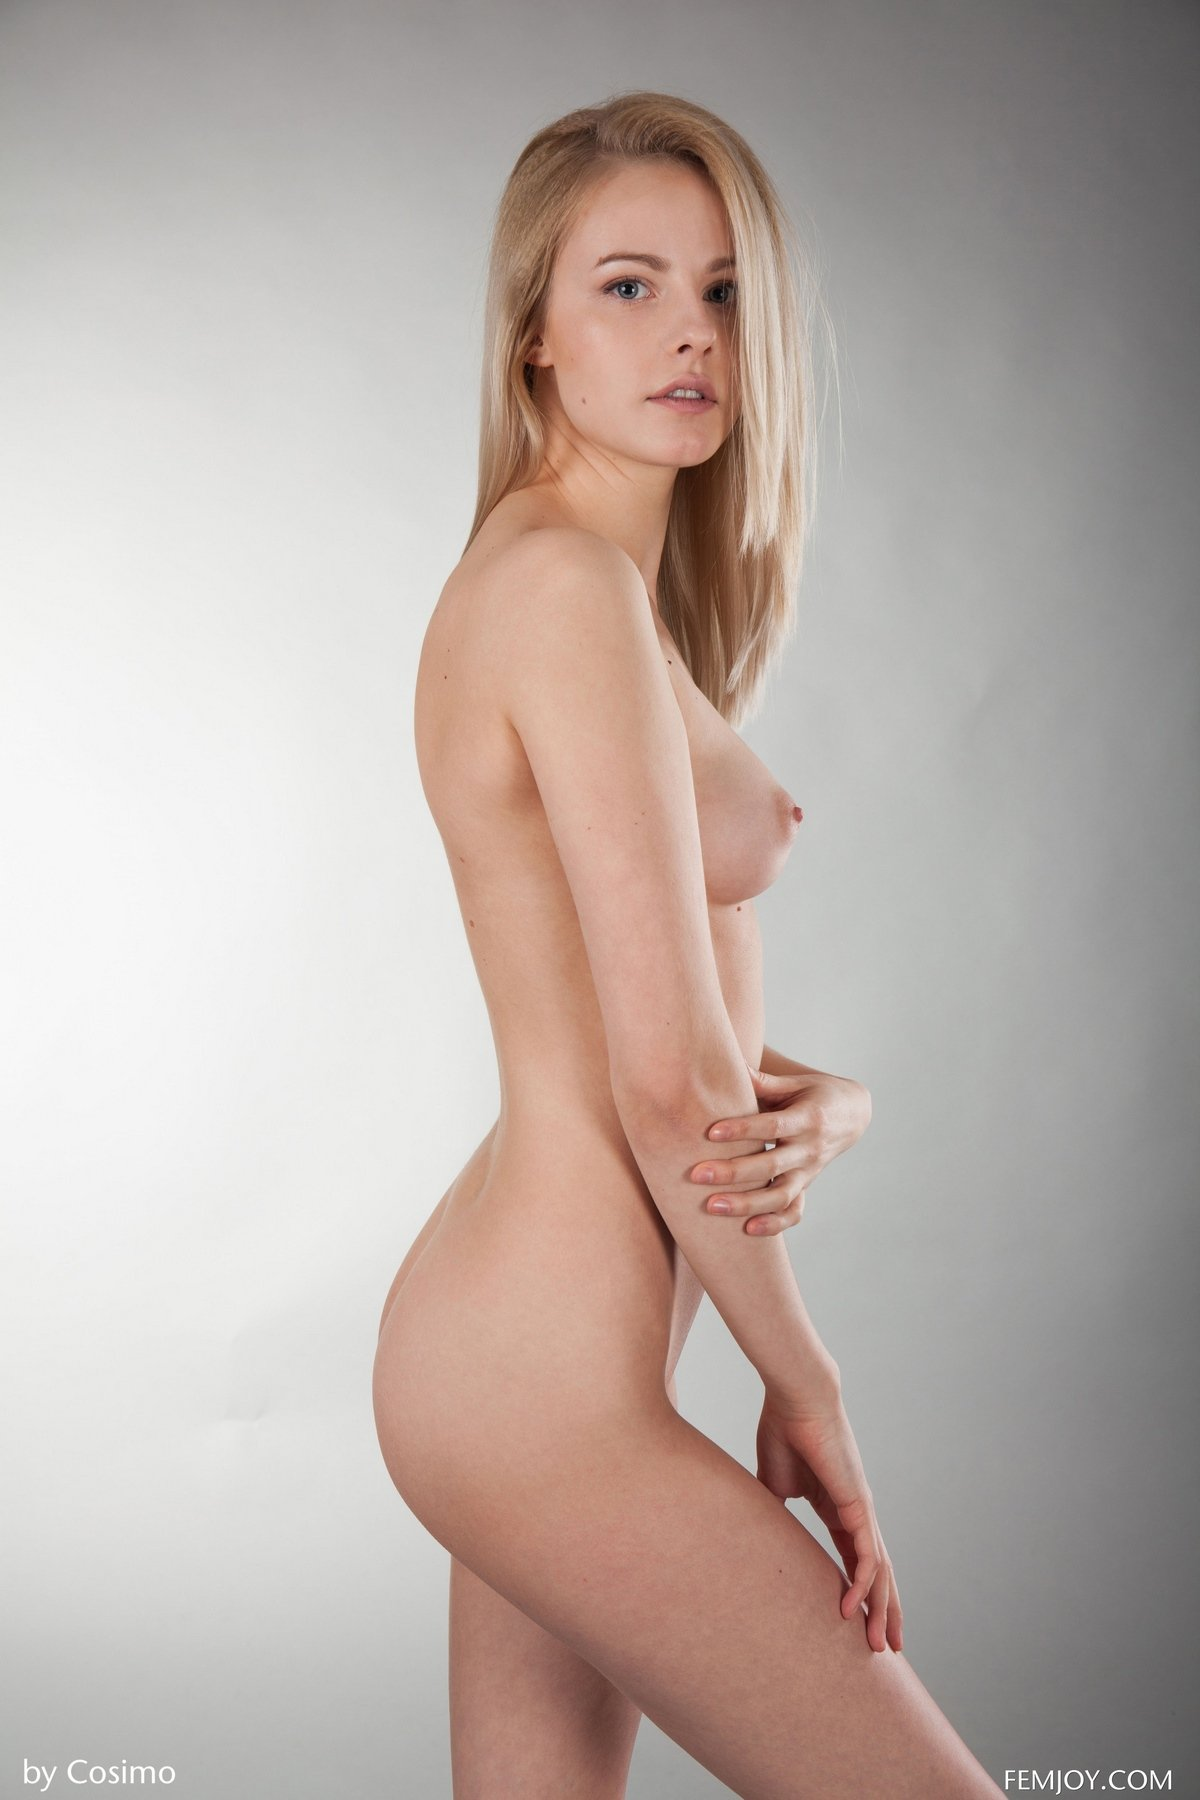 Стройная блондинка скинула маечку и фотографируется в студии